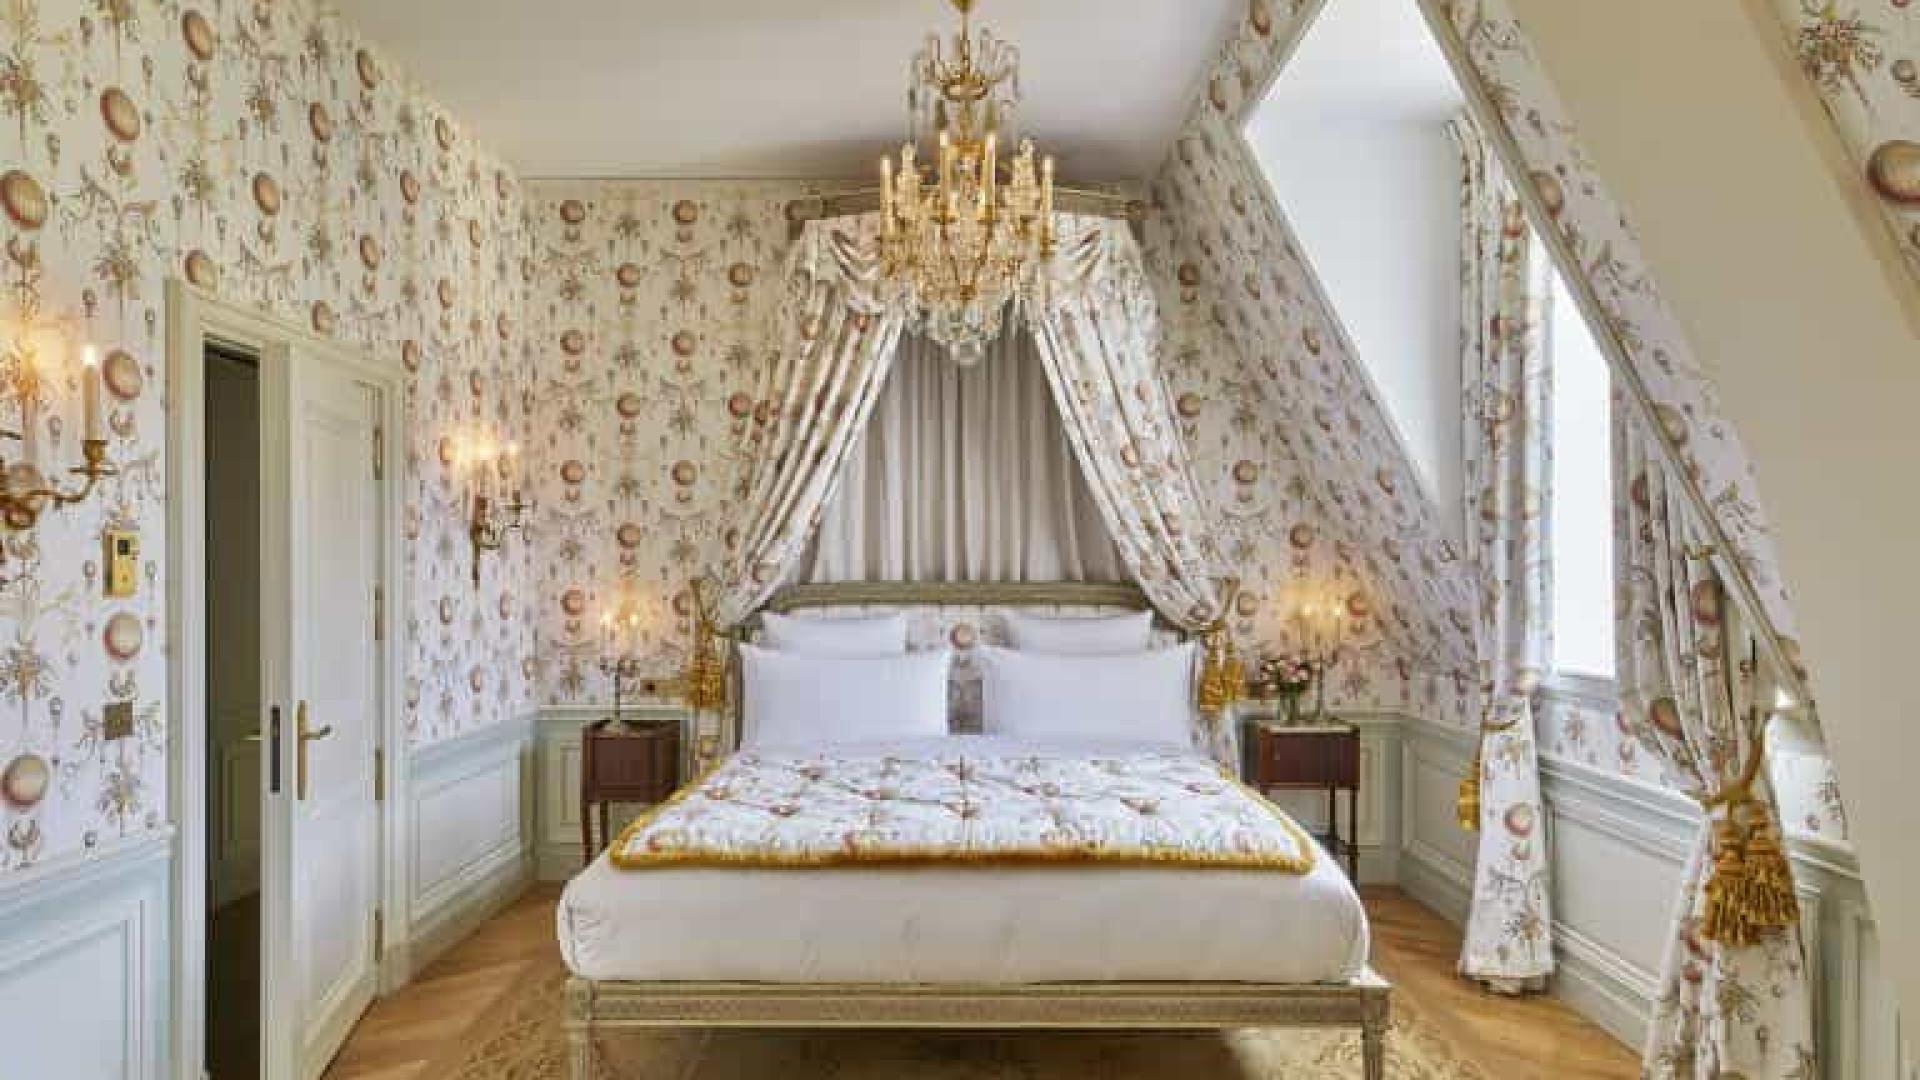 Hotel de luxo é inaugurado dentro do Palácio de Versalhes